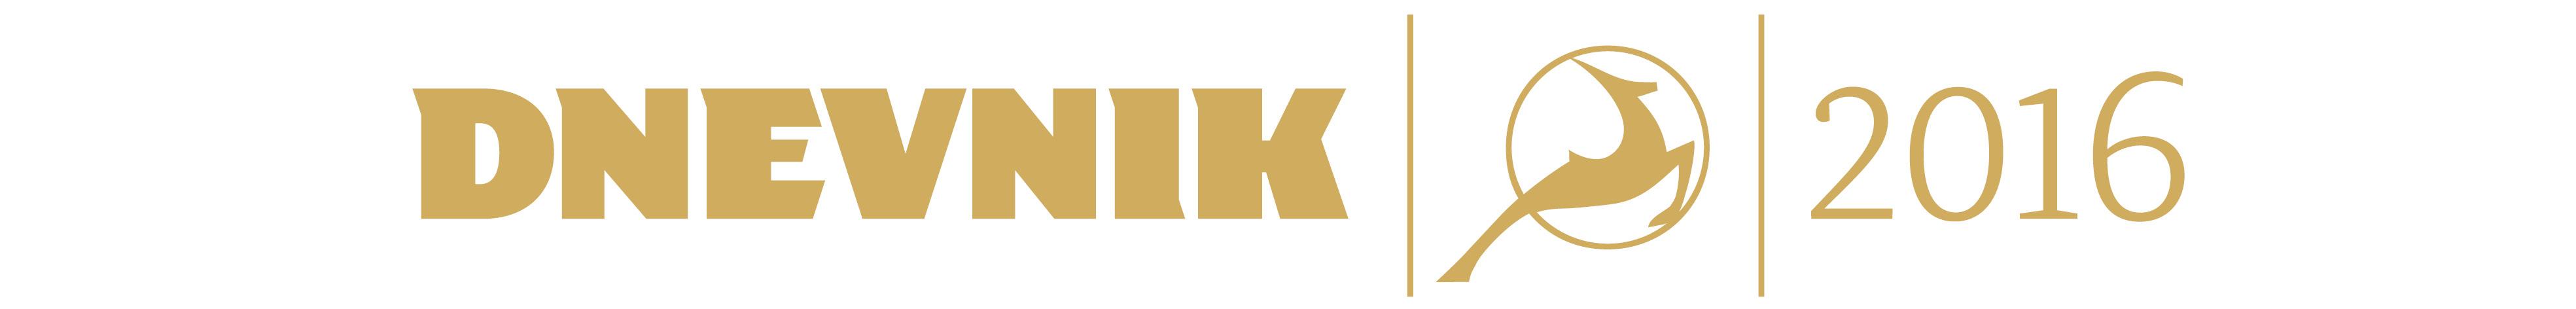 gazele_logo_2016_3